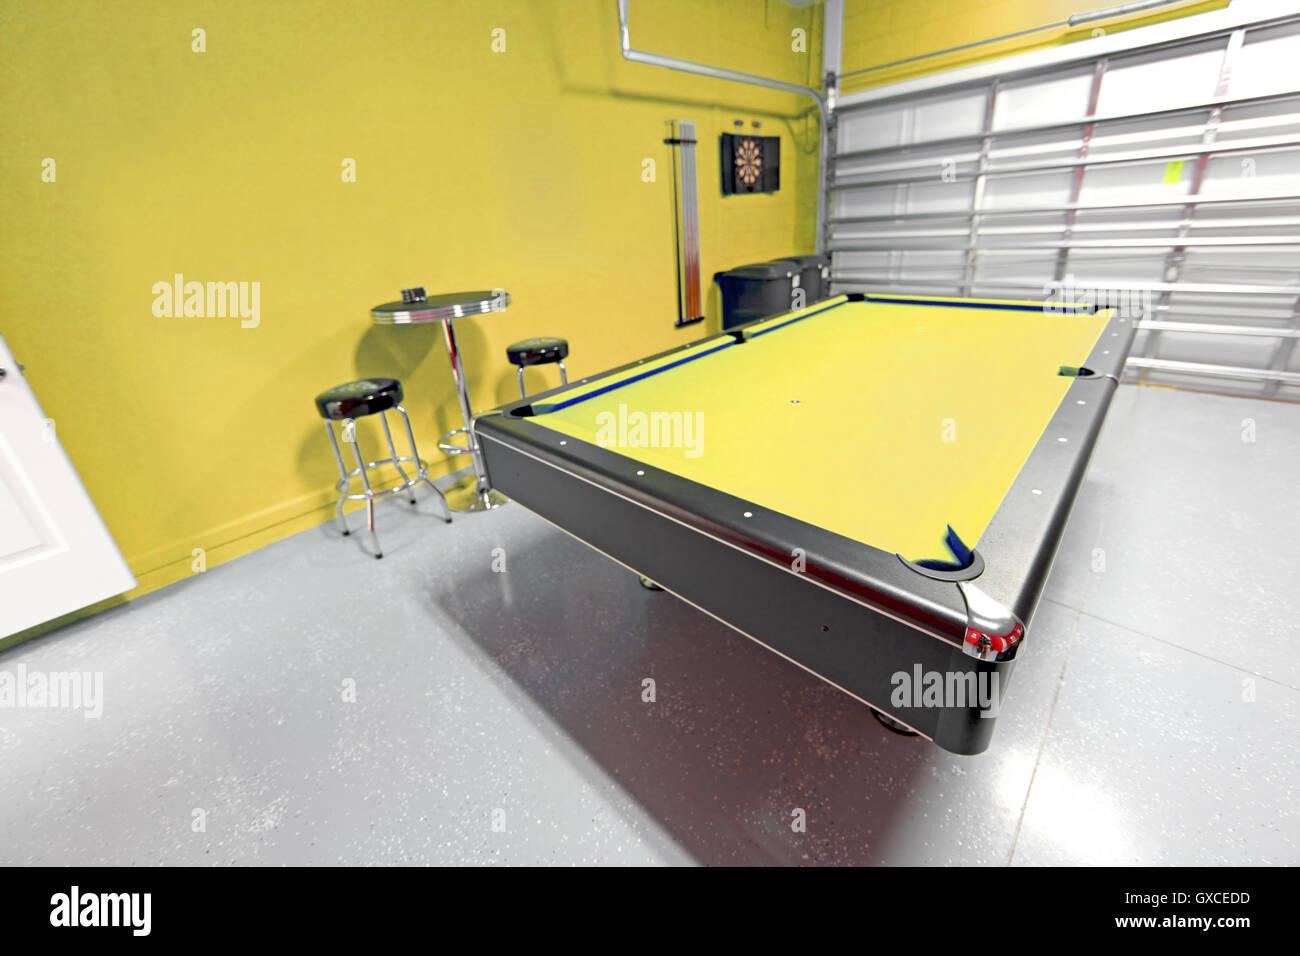 Sala Da Biliardo In Inglese : Una sala giochi con tavolo da biliardo in un garage foto & immagine